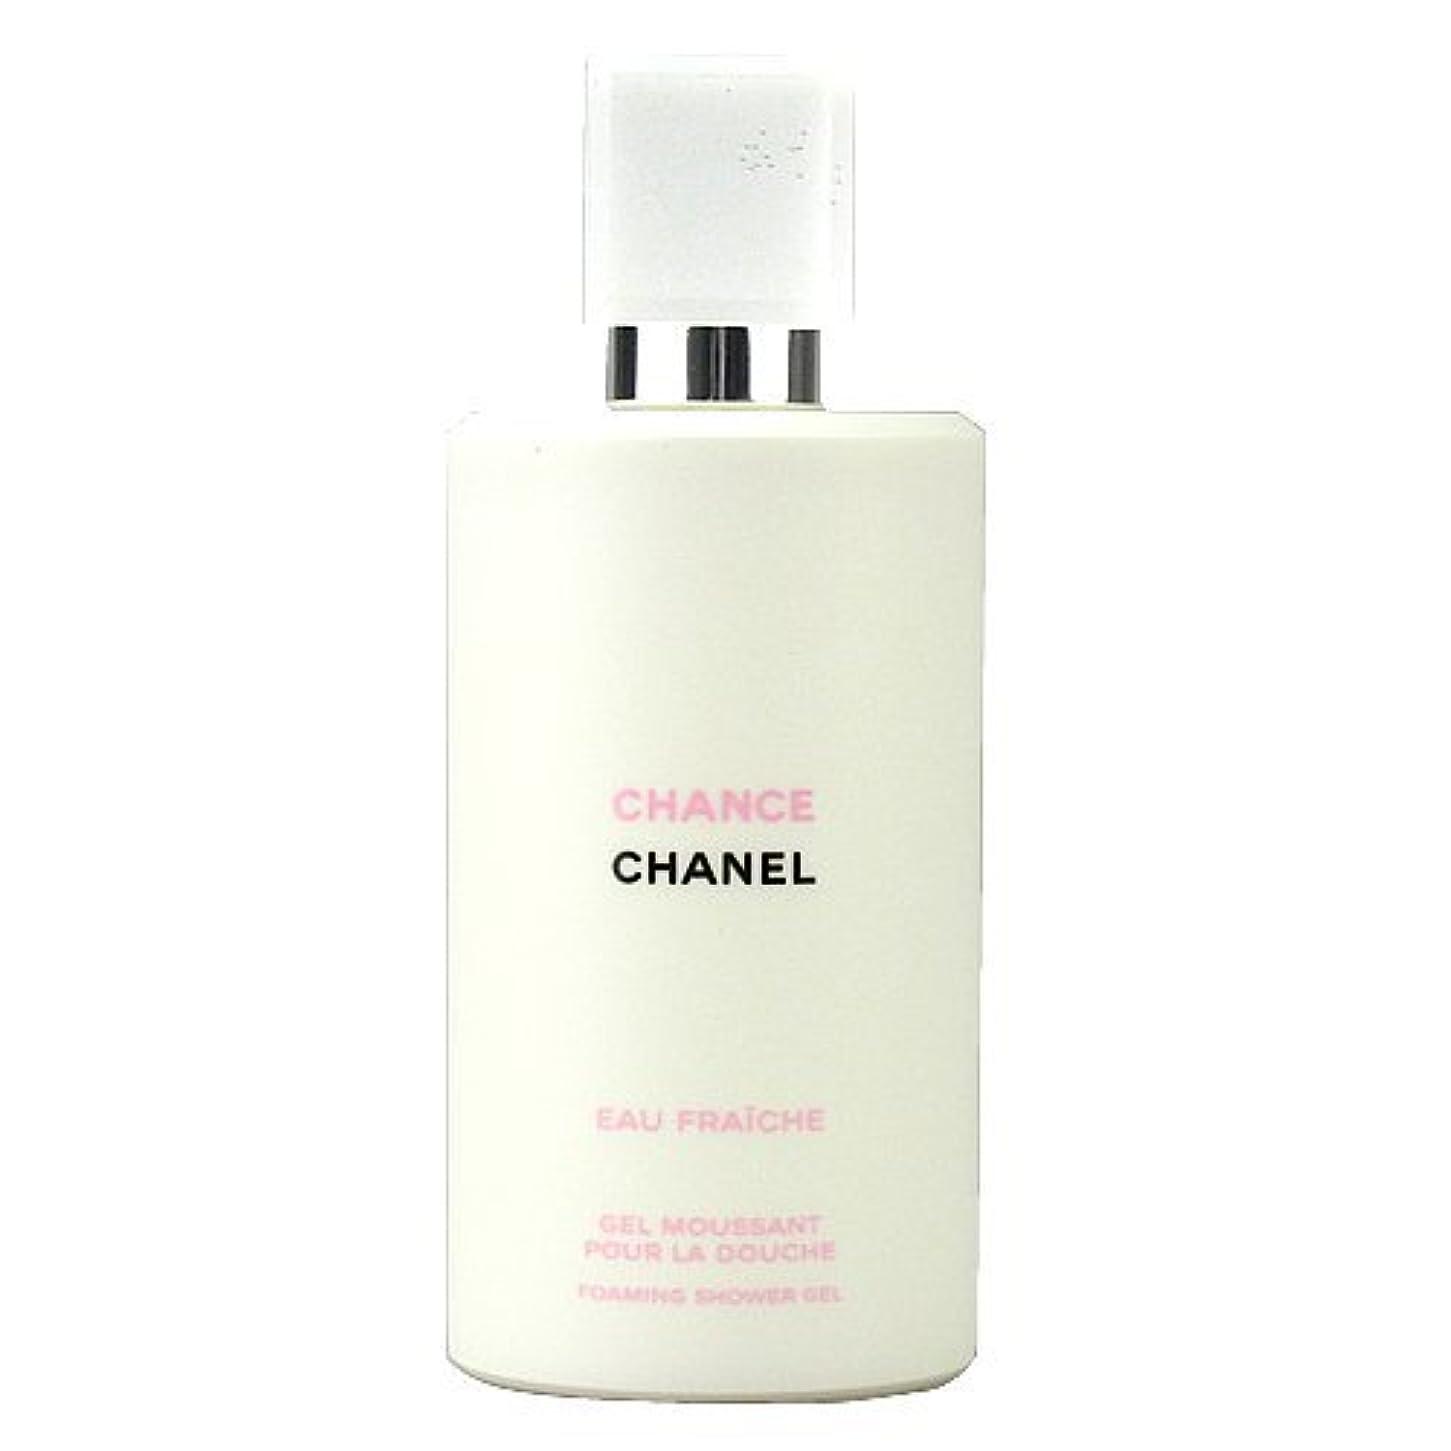 シャネル CHANEL チャンス オー フレッシュ シャワー ジェル 200ml